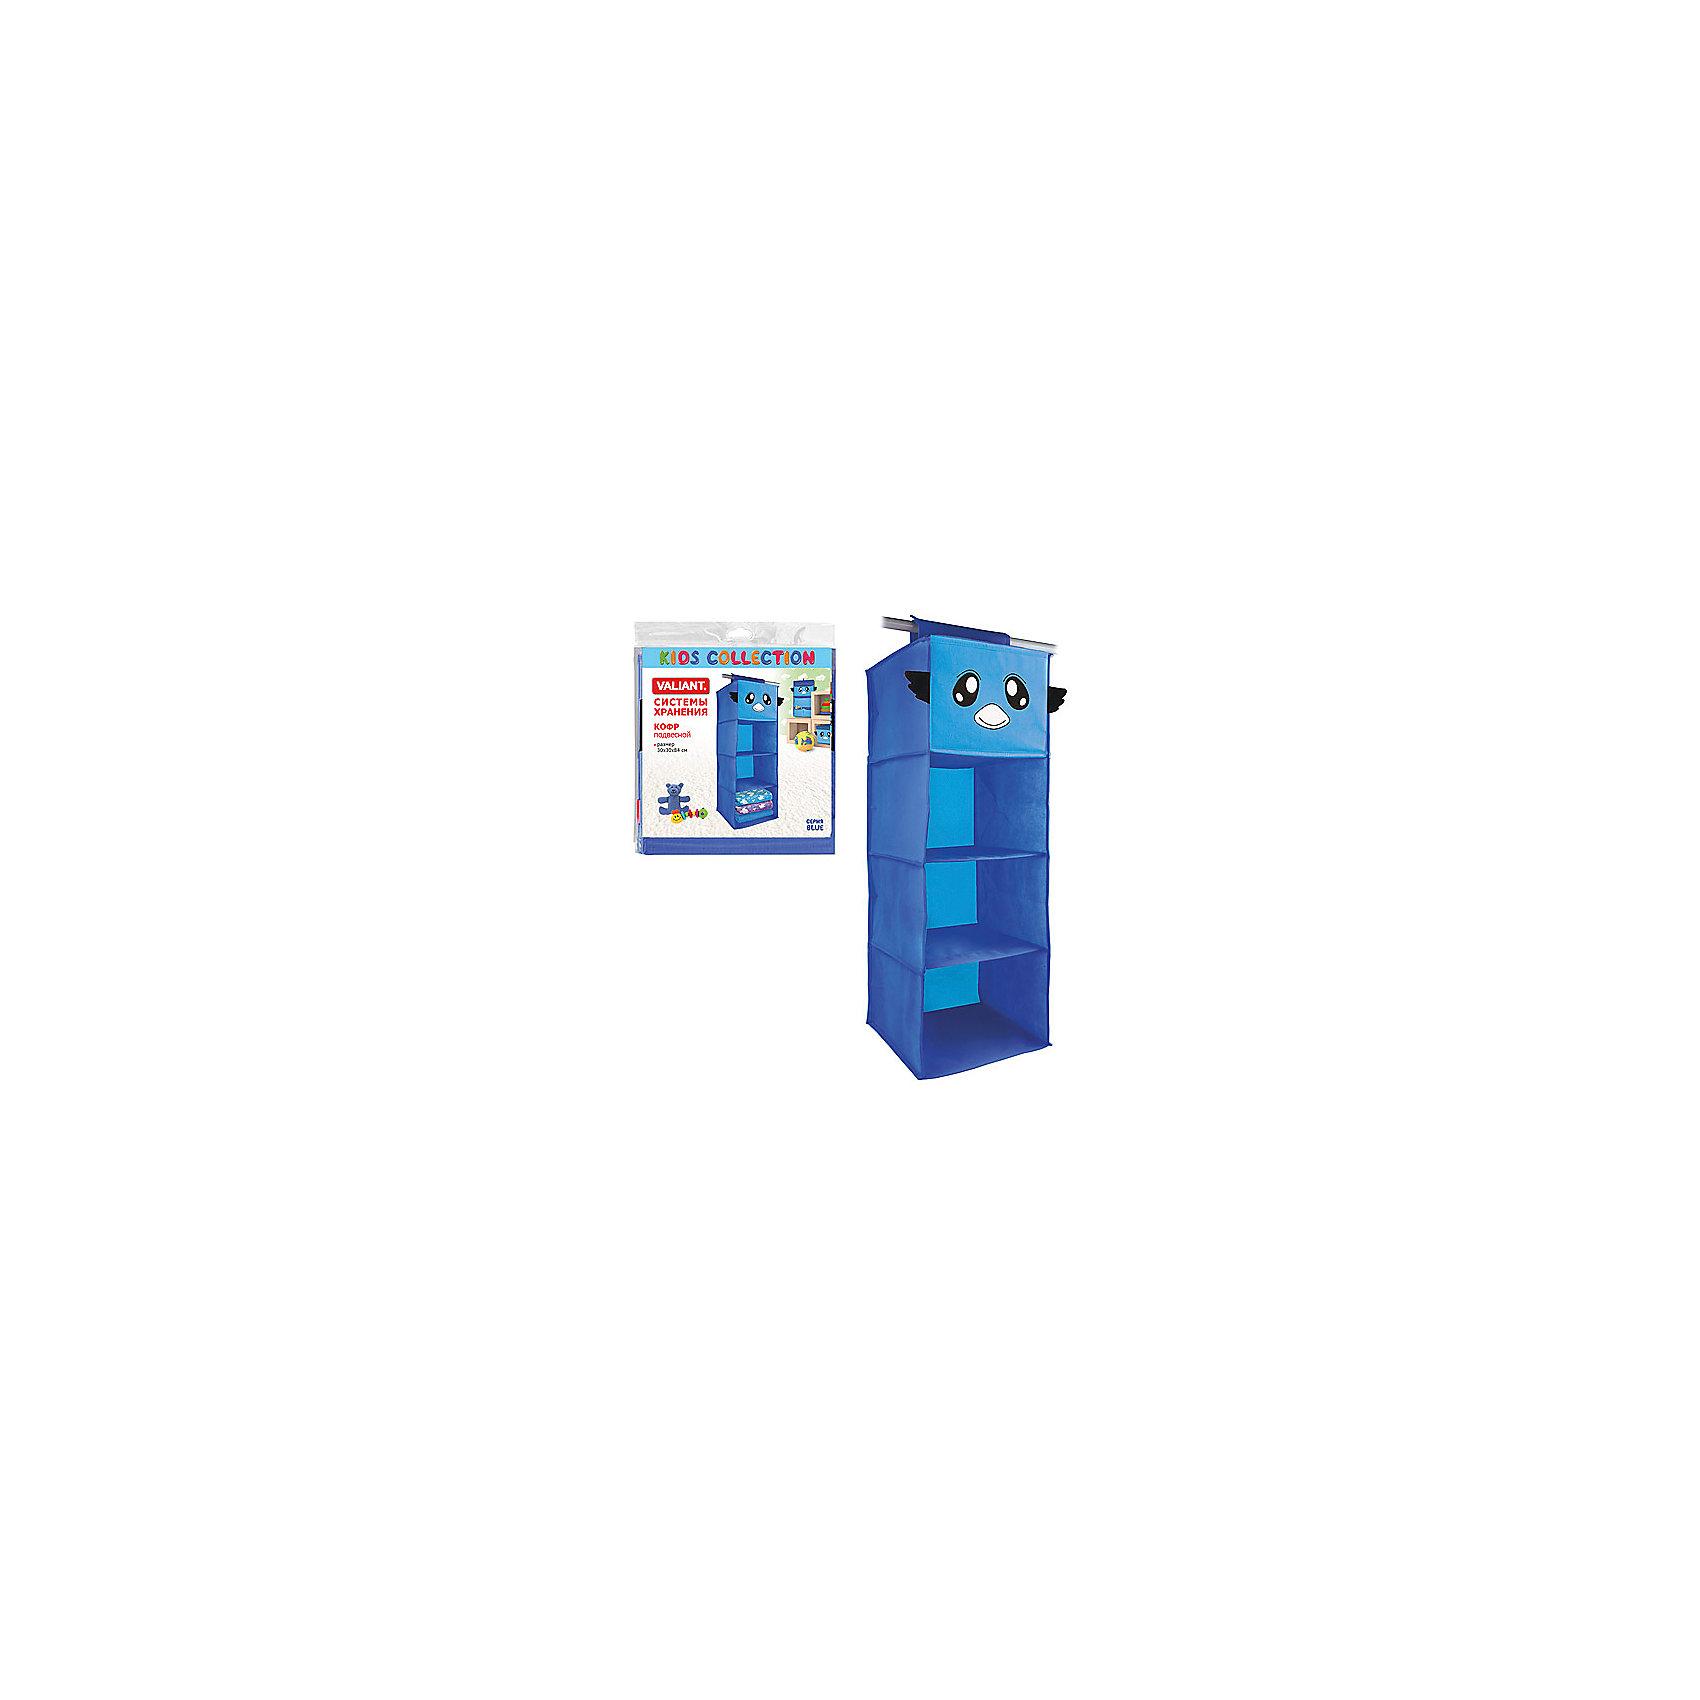 VALIANT Голубой подвесной кофр 30*30*84 см, 4 полки кофр подвесной 30 30 100 см соты зеленый 5 секций 1133049